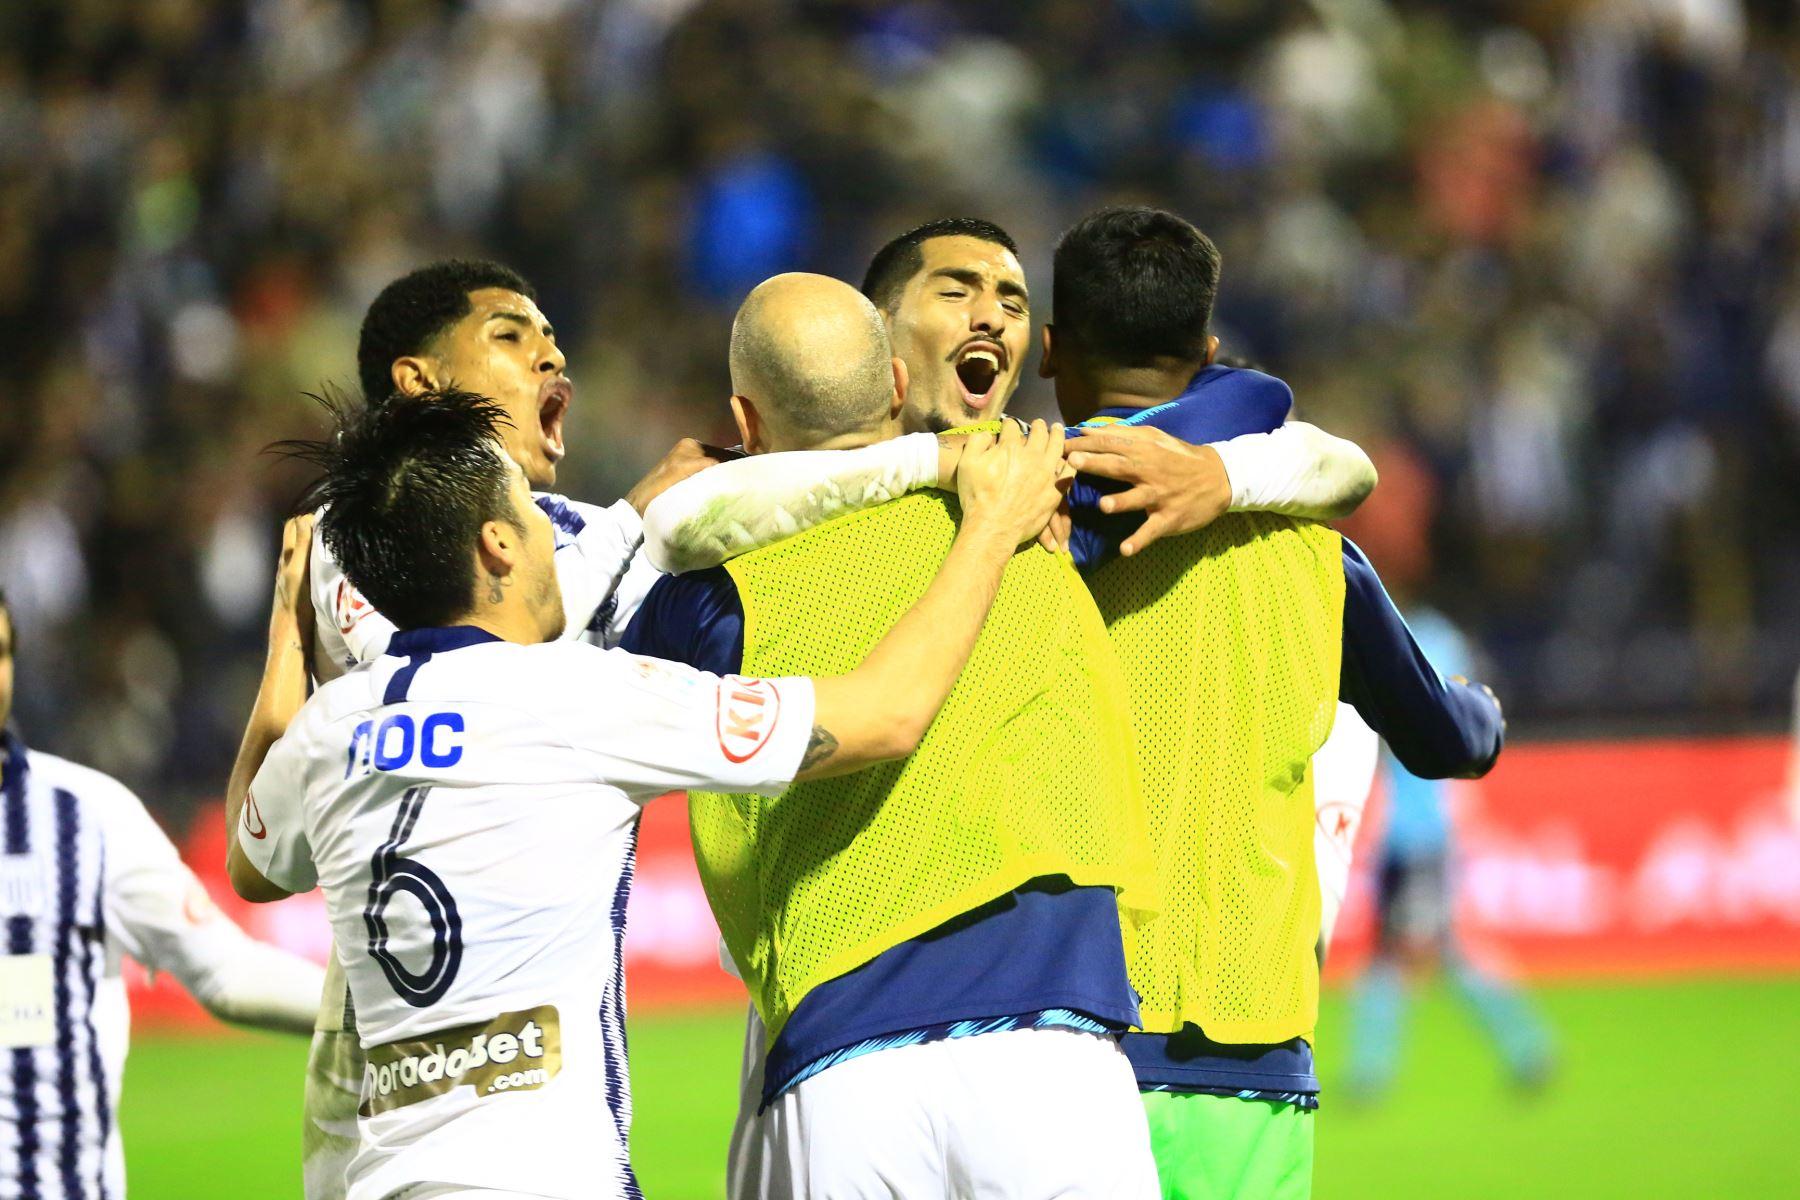 Alianza Lima y Sporting Cristal disputan, en el estadio Alejandro Villanueva, el partido más importante de la segunda jornada del torneo Clausura de la liga. Foto: ANDINA/Pedro Cardenas